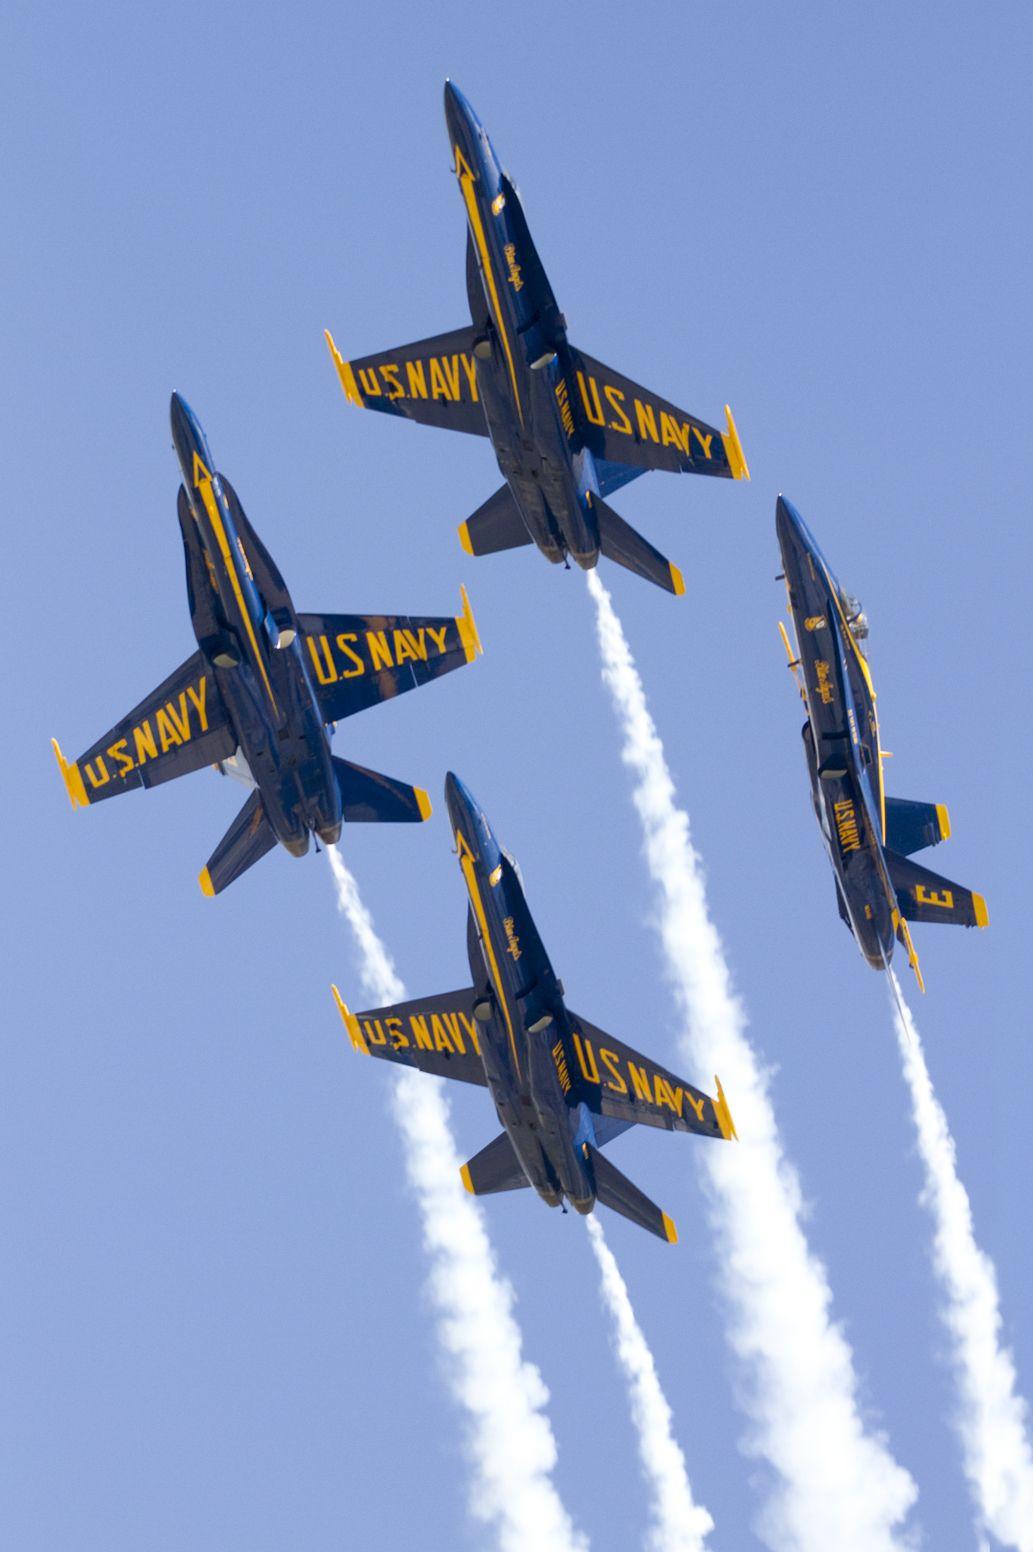 Pin on Aircrafts